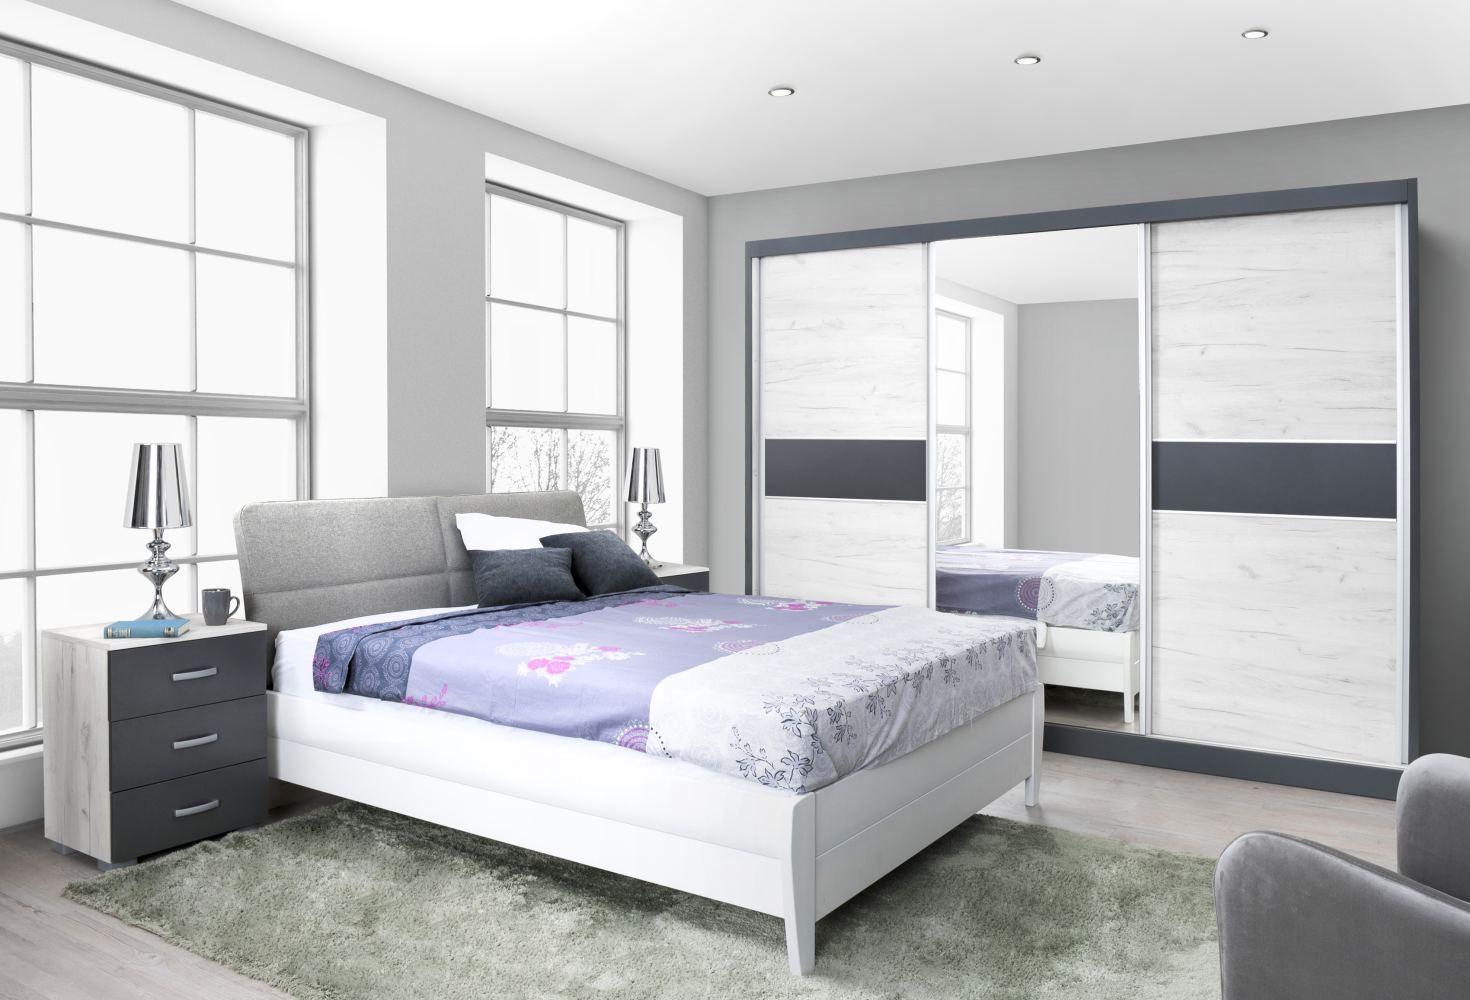 Schlafzimmer Komplett - Set C Aneto, 4-teilig, teilmassiv, Farbe: Eiche Weiß / Anthrazit / Weiß